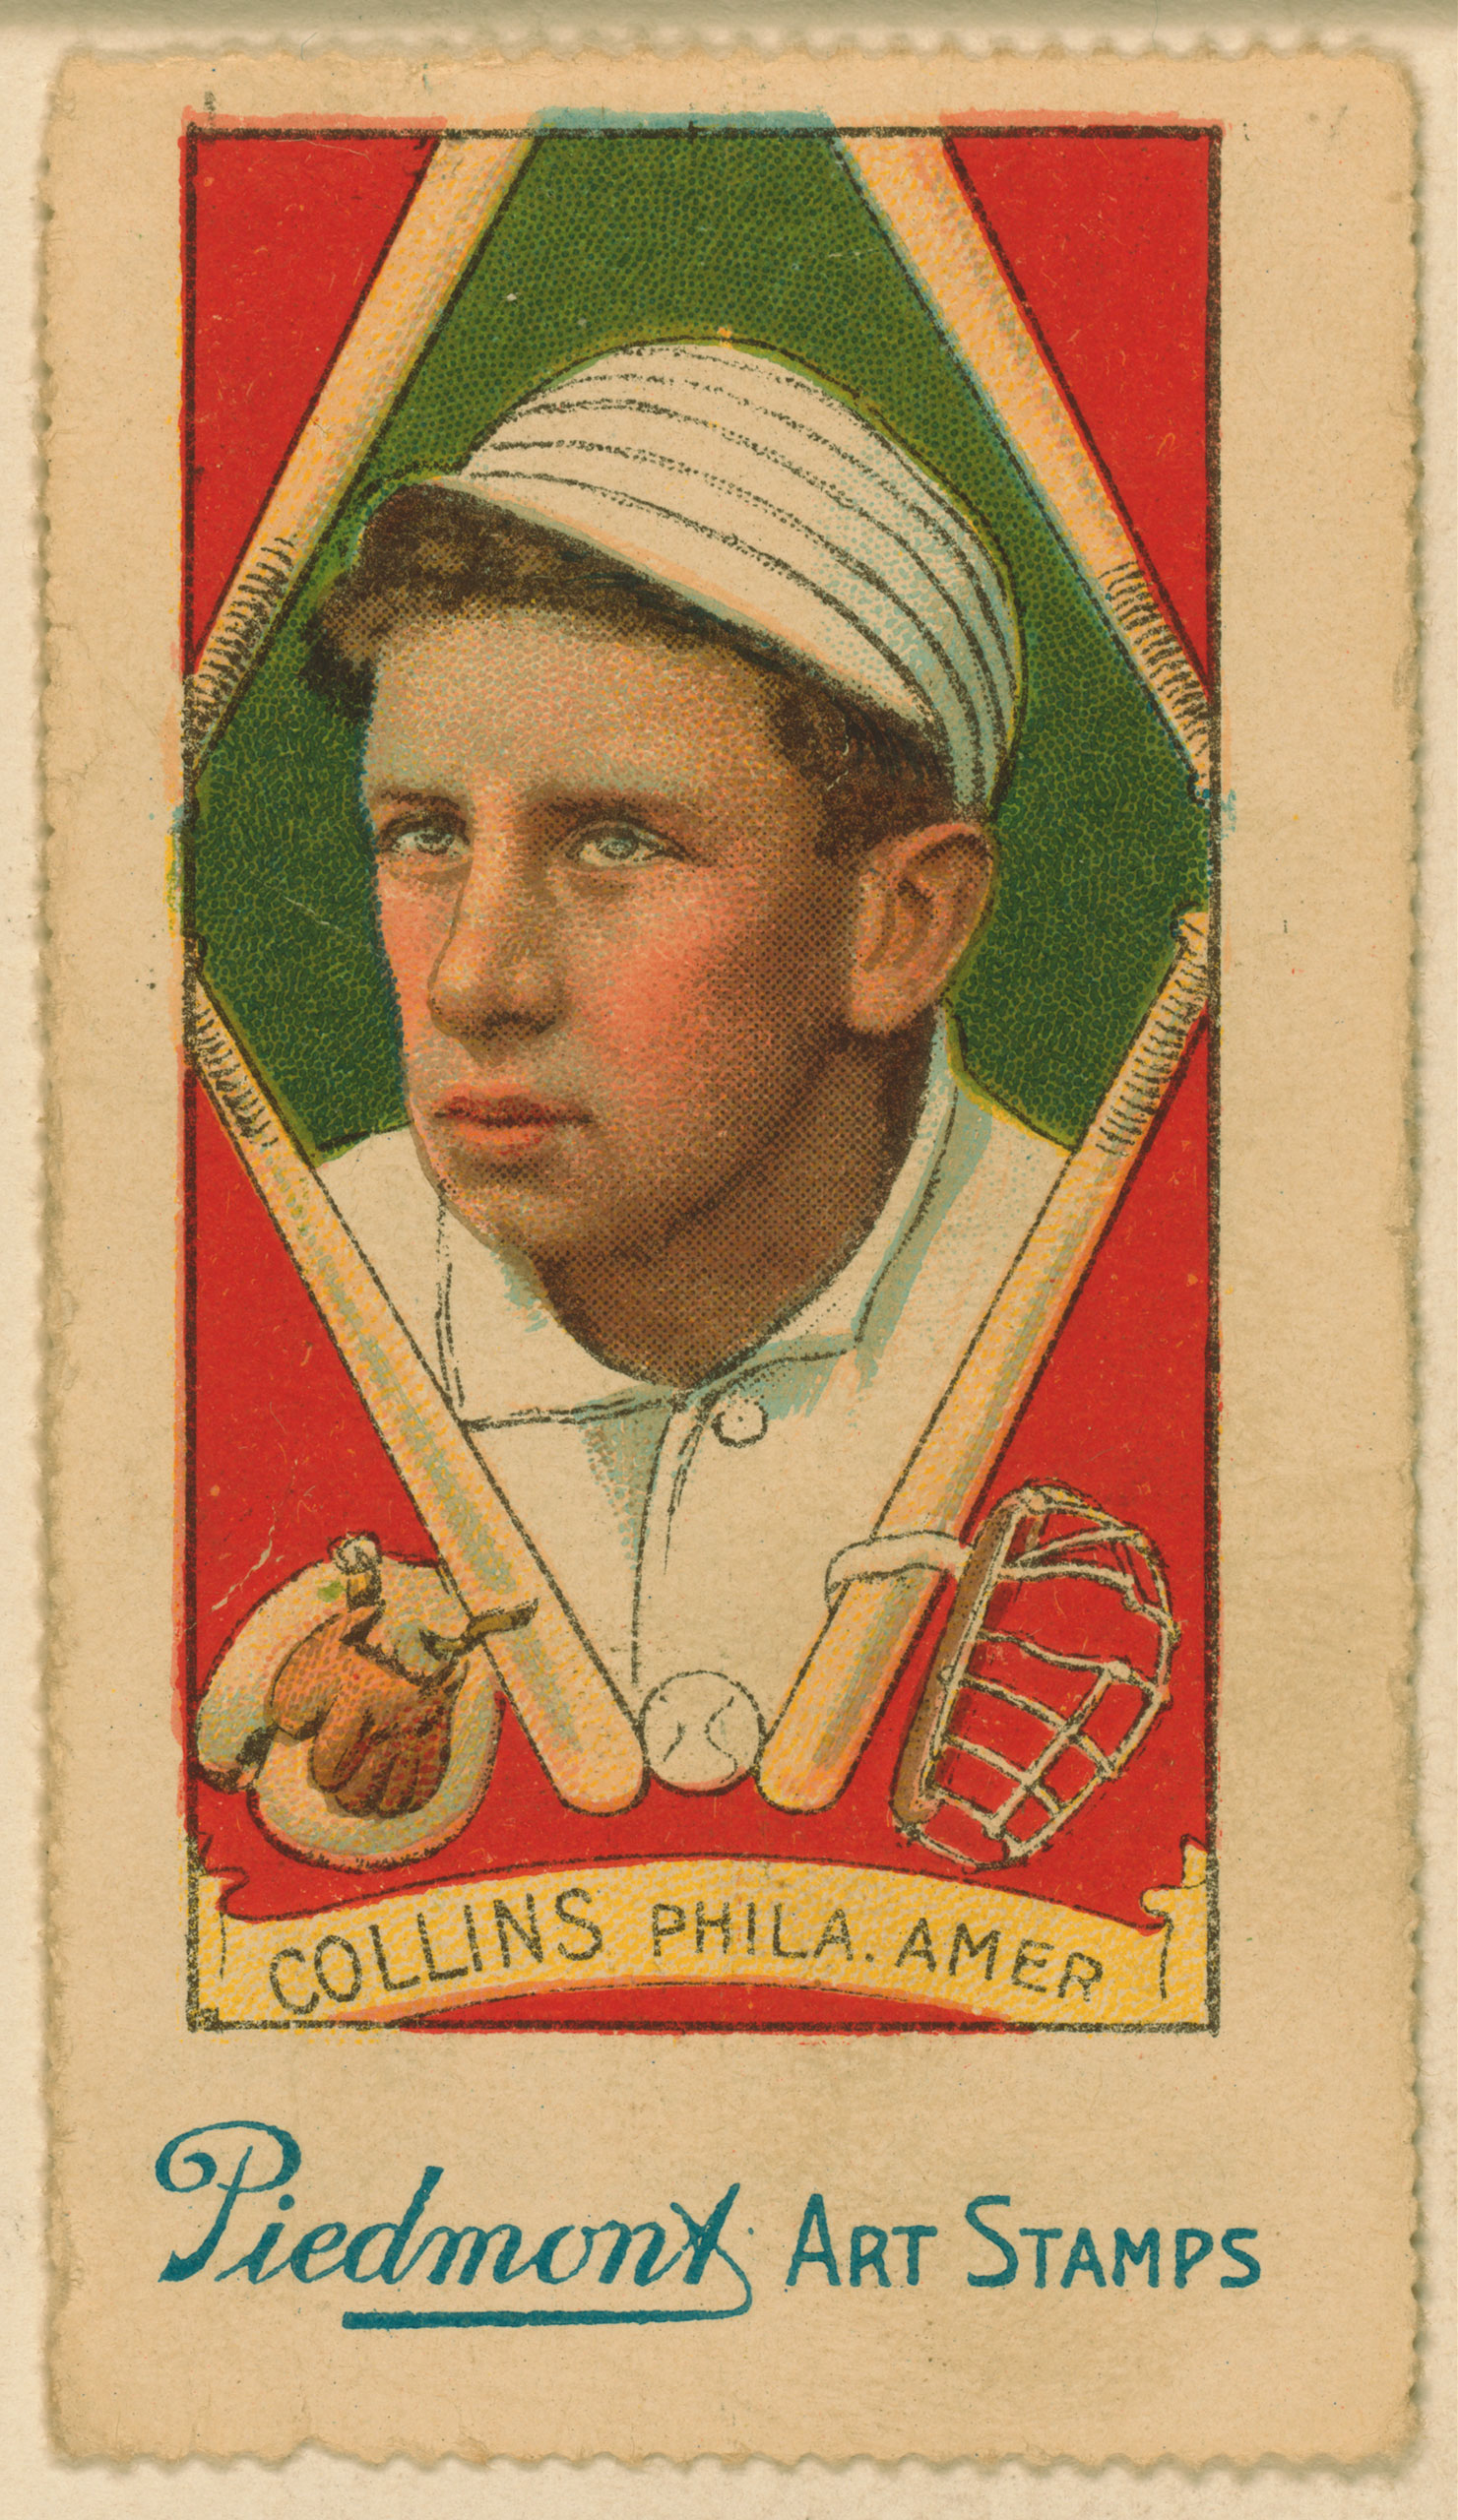 Eddie Collins, Philadelphia Athletics, baseball card, 1914.